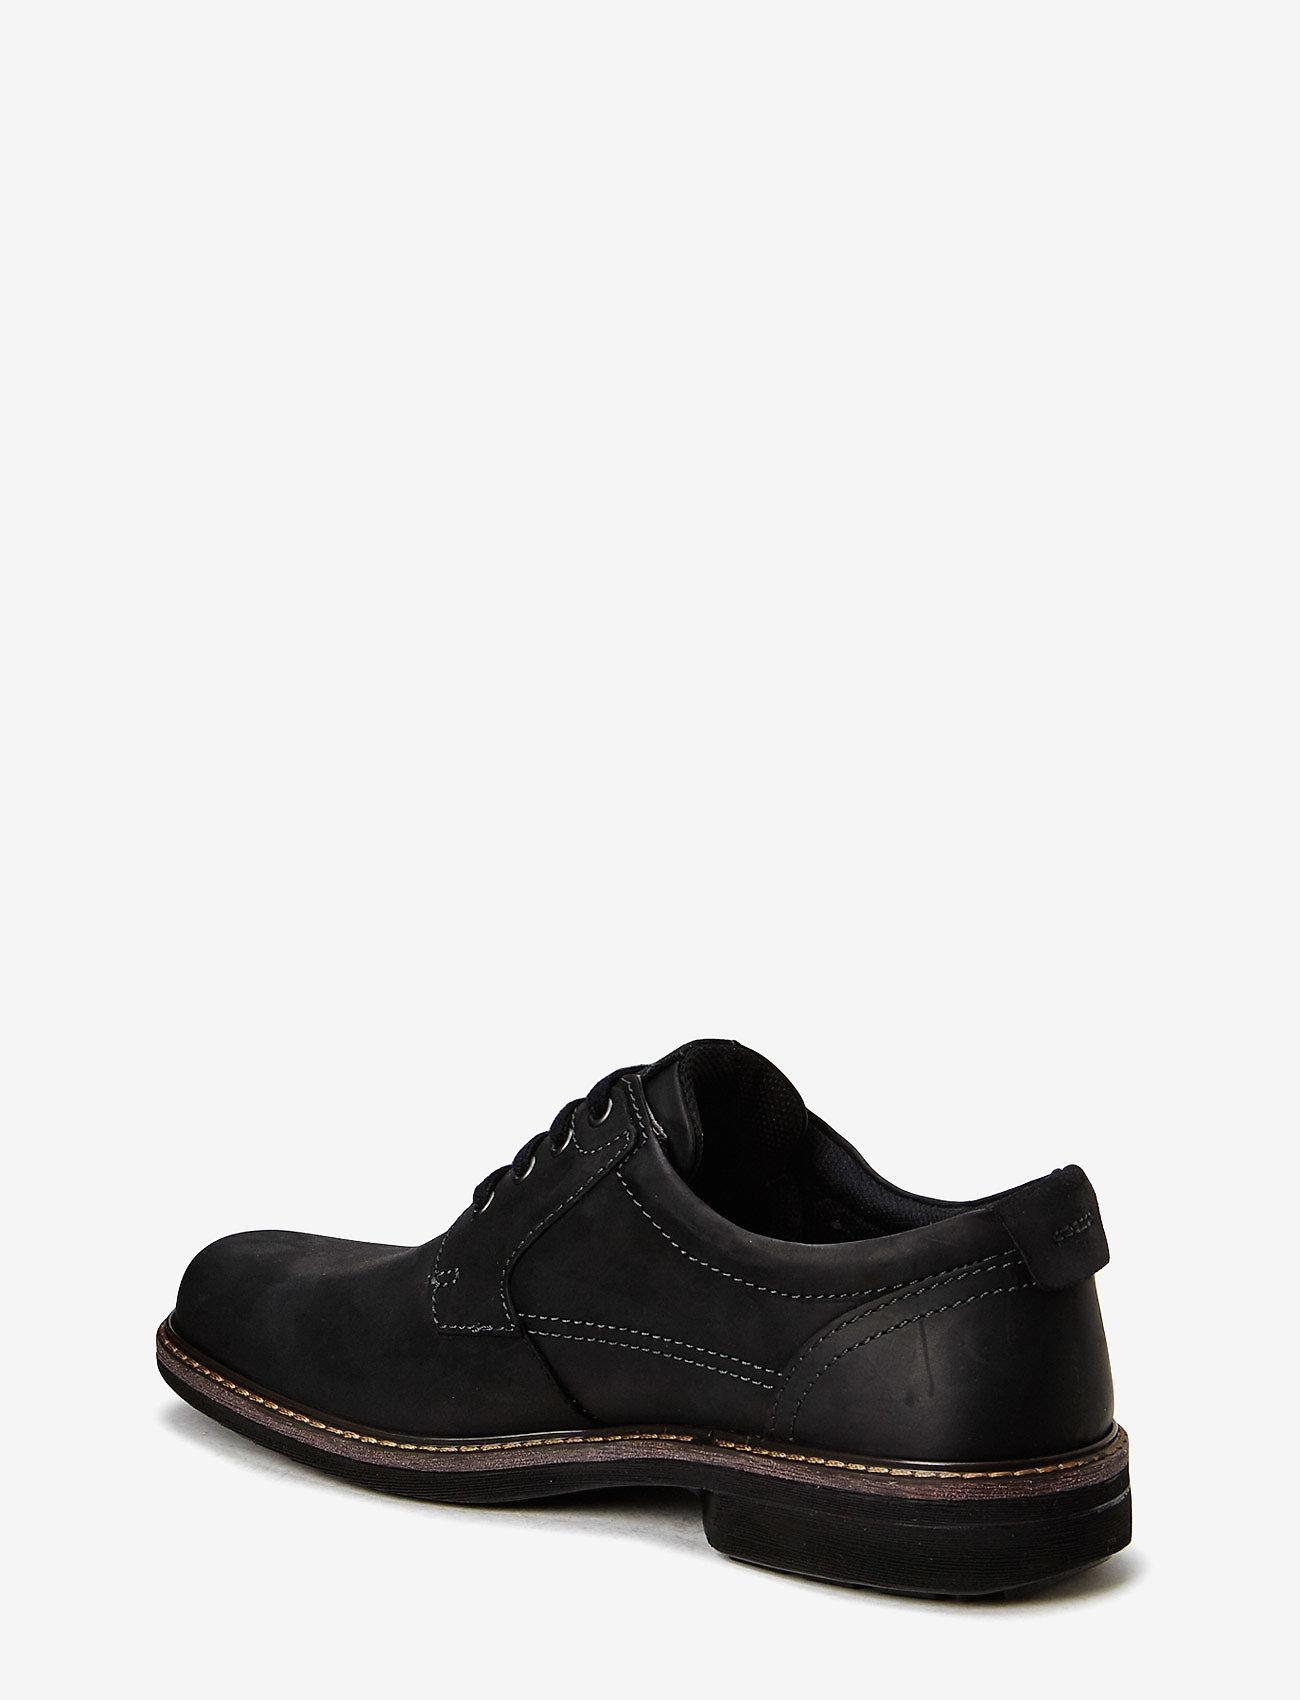 ECCO - TURN - Šņorējamas kurpes - black/black - 1